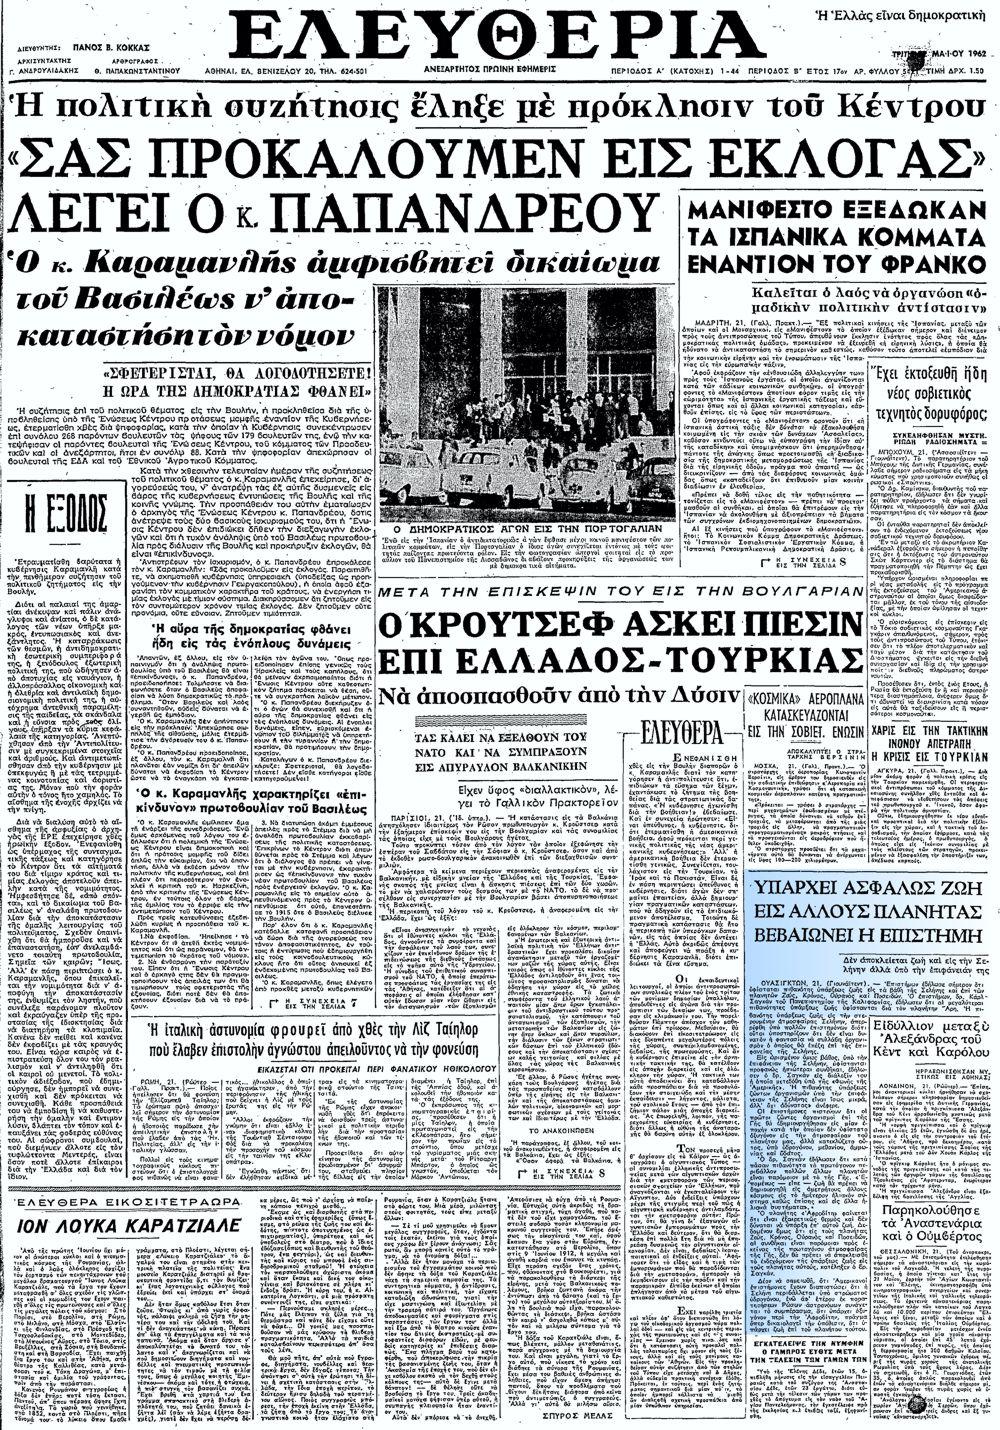 """Το άρθρο, όπως δημοσιεύθηκε στην εφημερίδα """"ΕΛΕΥΘΕΡΙΑ"""", στις 22/05/1962"""